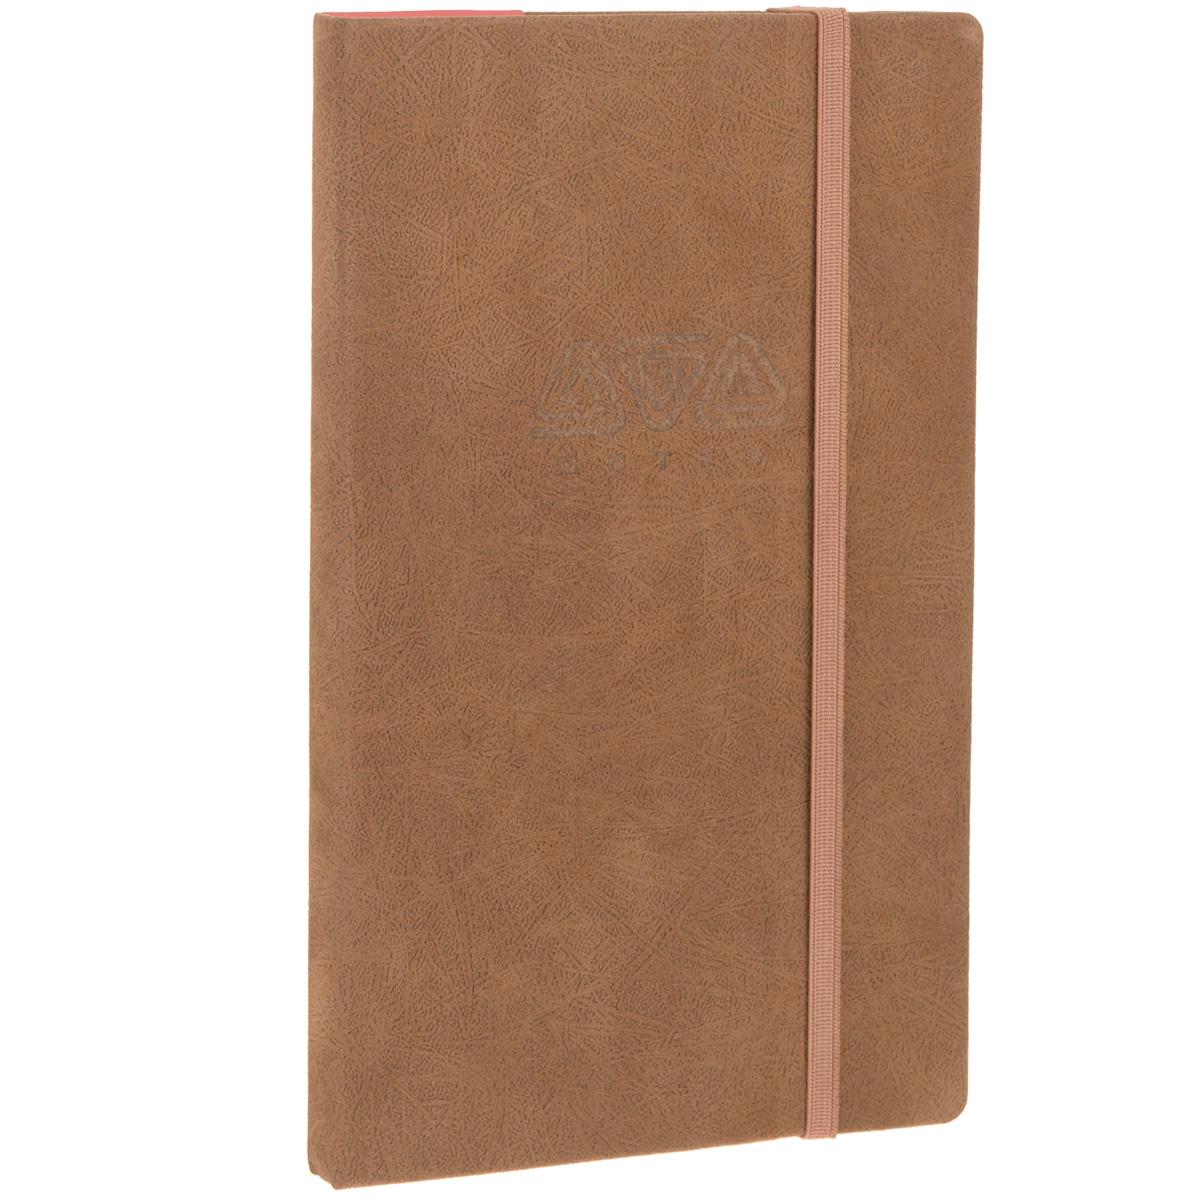 Записная книжка Erich Krause Ethnic, цвет: коричневый, 96 листовС1692-08Записная книжка Erich Krause Ethnic - это дополнительный штрих к вашему имиджу. Демократичная в своем содержании, книжка может быть использована не только для личных пометок и записей, но и как недатированный ежедневник. Надежная твердая обложка из плотного картона, обтянутого приятным на ощупь текстильным материалом, сохранит ее в аккуратном состоянии на протяжении всего времени использования. Плотная в линейку бумага белого цвета, закладка-ляссе, практичные скругленные углы, эластичная петелька для ручки и внутренний бумажный карман на задней обложке - все это обеспечит вам истинное удовольствие от письма. В начале книжки имеется страничка для заполнения личных данных владельца, четыре страницы для заполнения адресов, телефонов и интернет-почты и четыре страницы для заполнения сайтов и ссылок. Благодаря небольшому формату книжку легко взять с собой. Записная книжка плотно закрывается при помощи фиксирующей резинки.